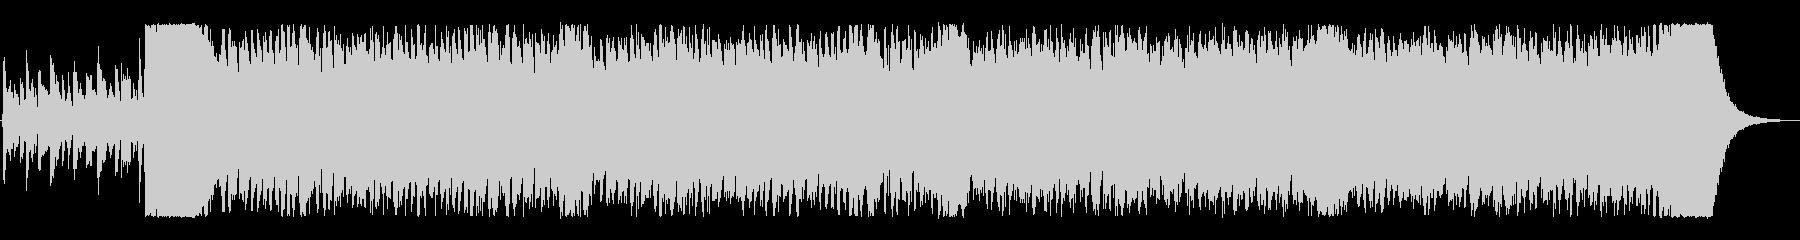 コミカル&不気味なオーケストラハロウィンの未再生の波形